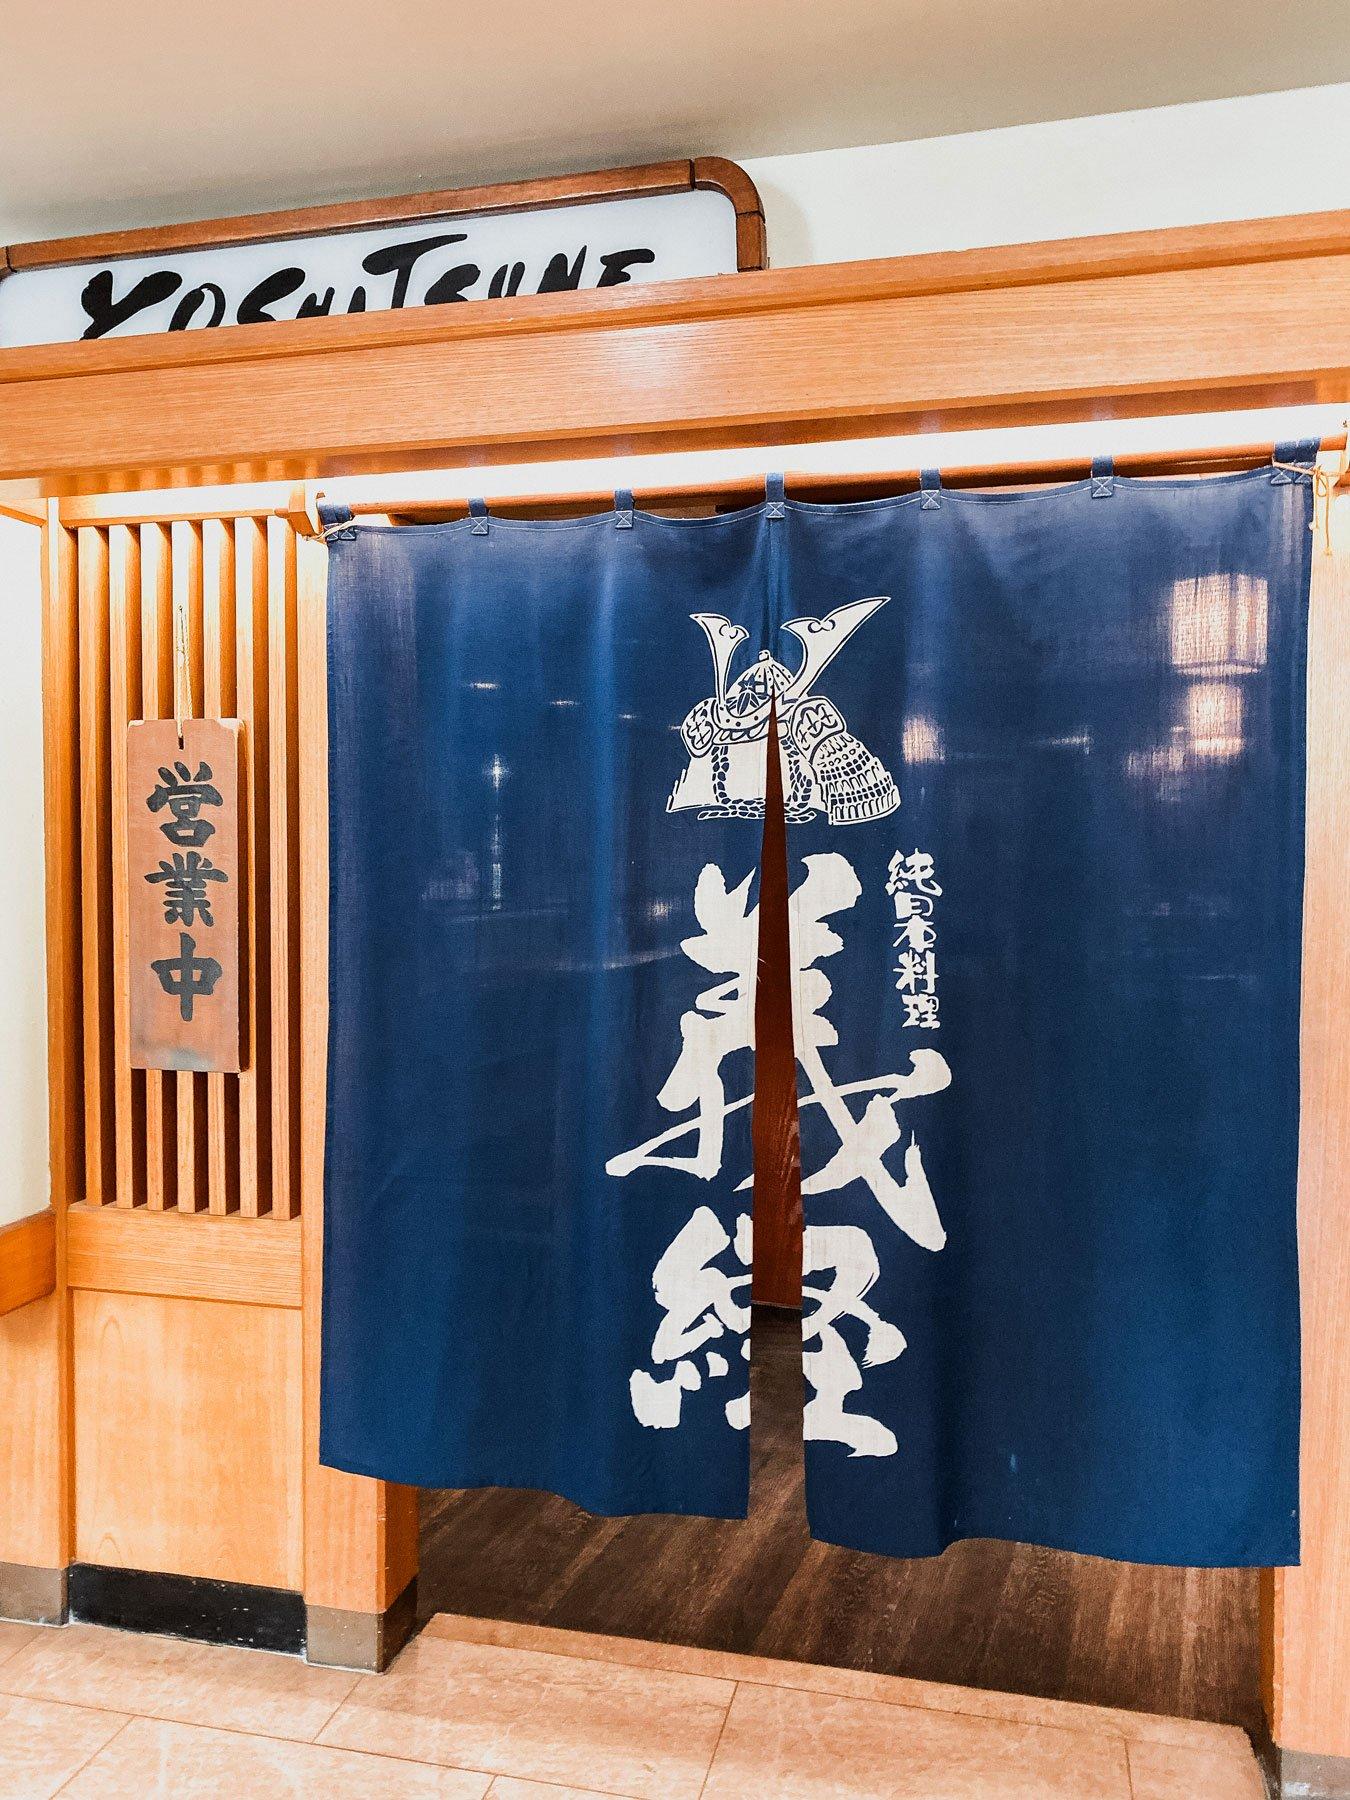 Yoshitsune_waikiki_acharmingescape